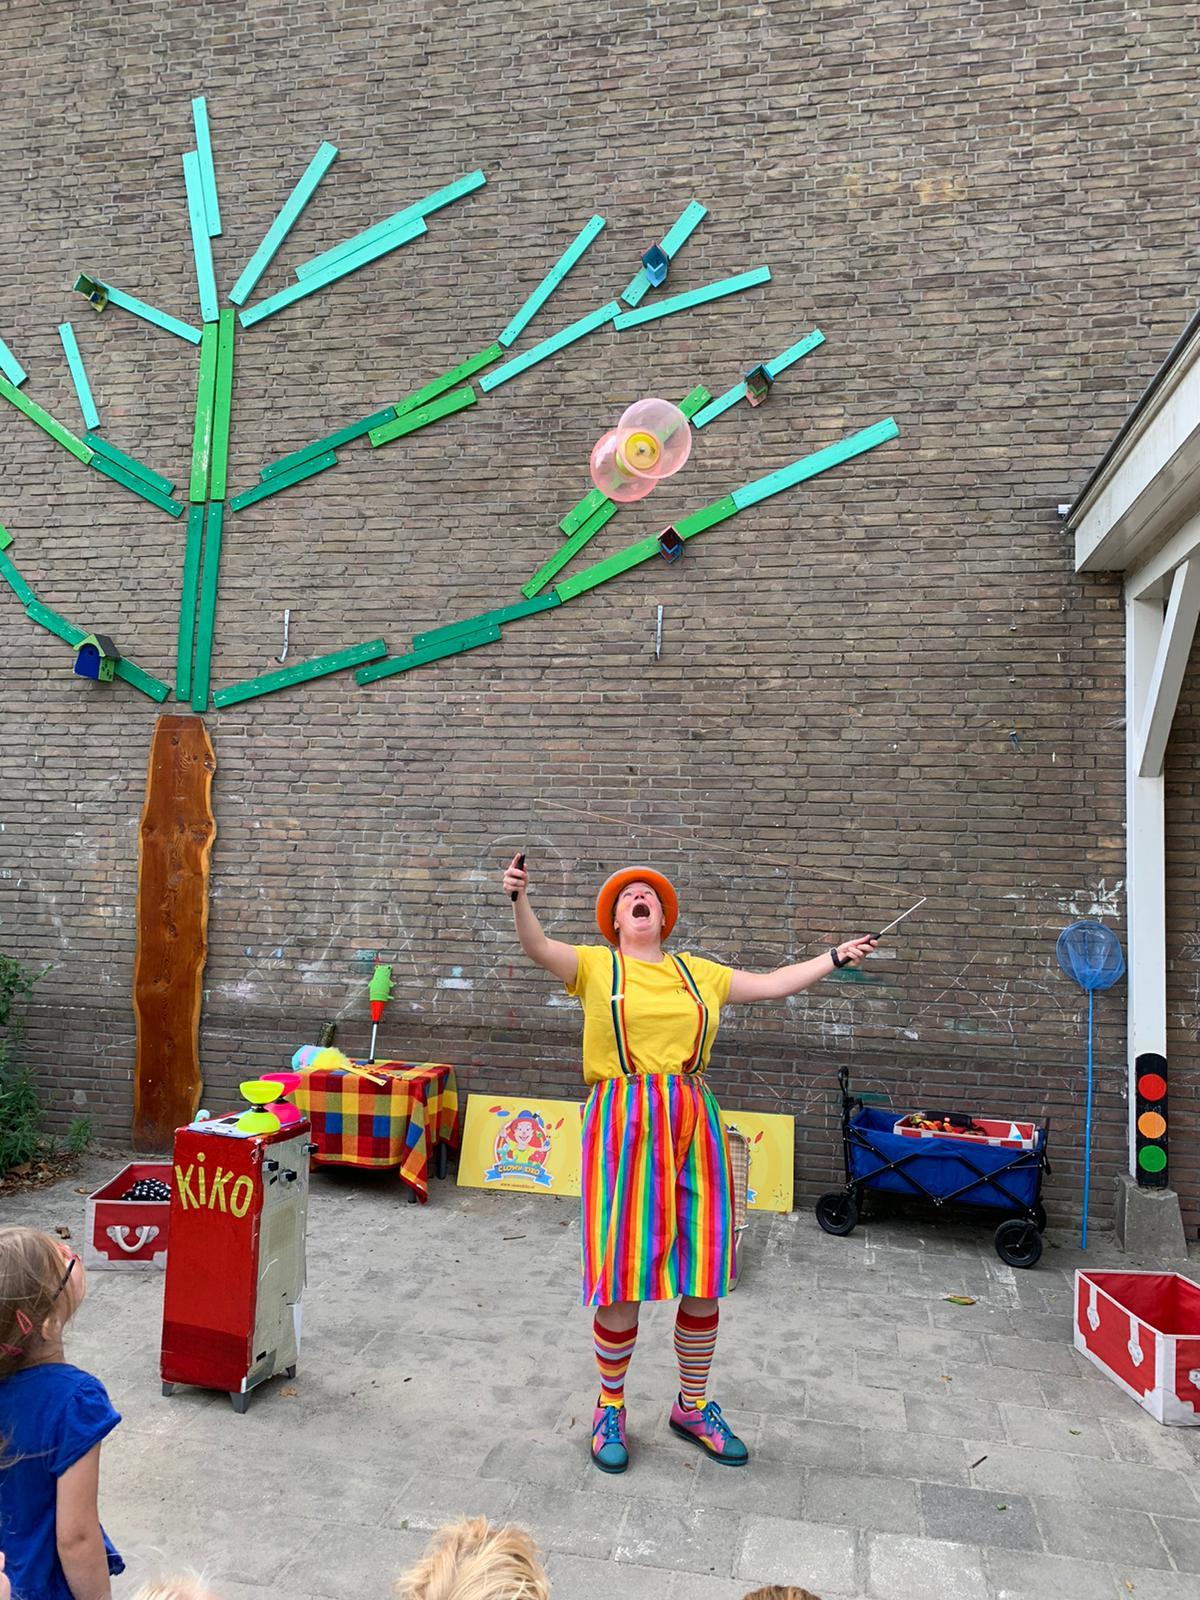 Kindertheater Kiko voorstelling Clown Kiko's jongleer en goochelshow leuke vrolijke kindervoorstelling vol circustrucs en interactie met de kinderen bij KION BSO in Nijmegen